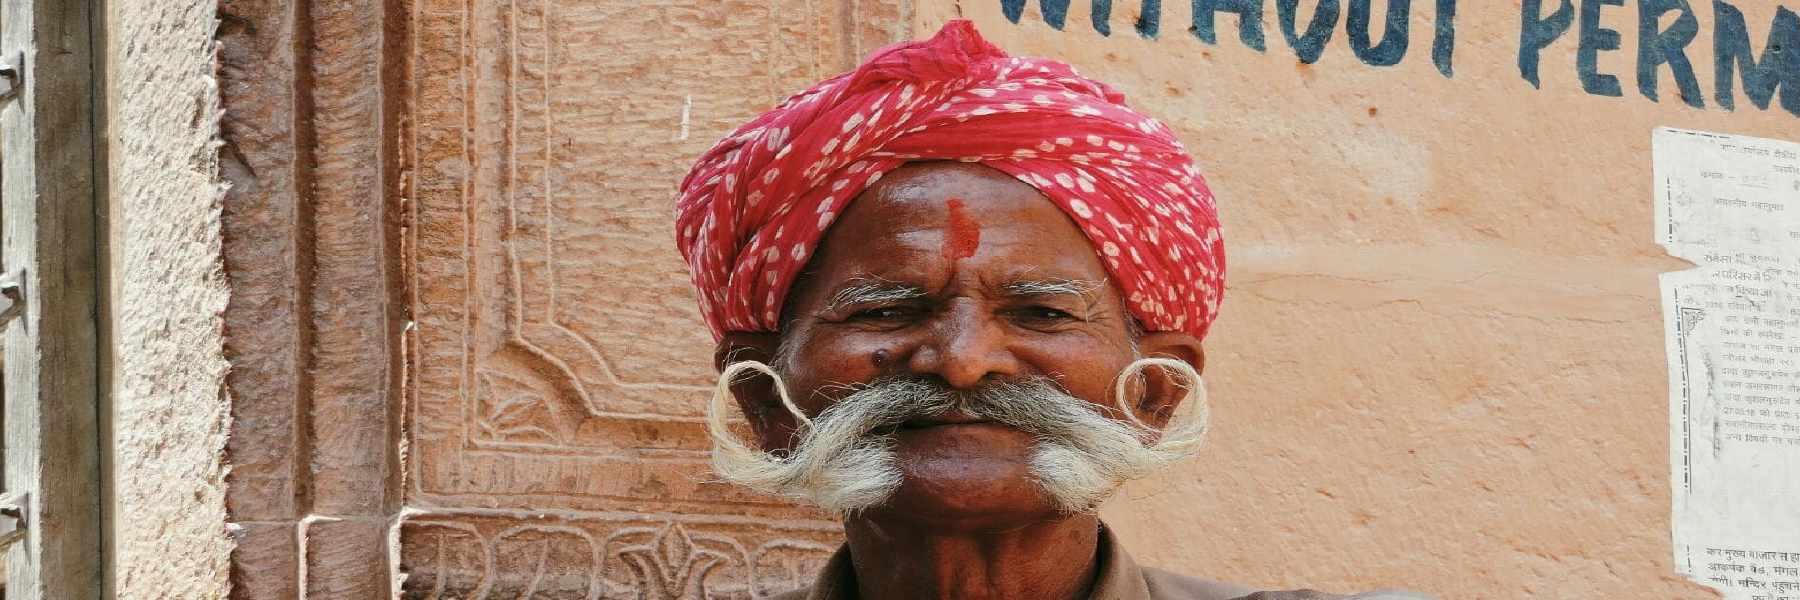 Aprende de la cultura India en Jaipur